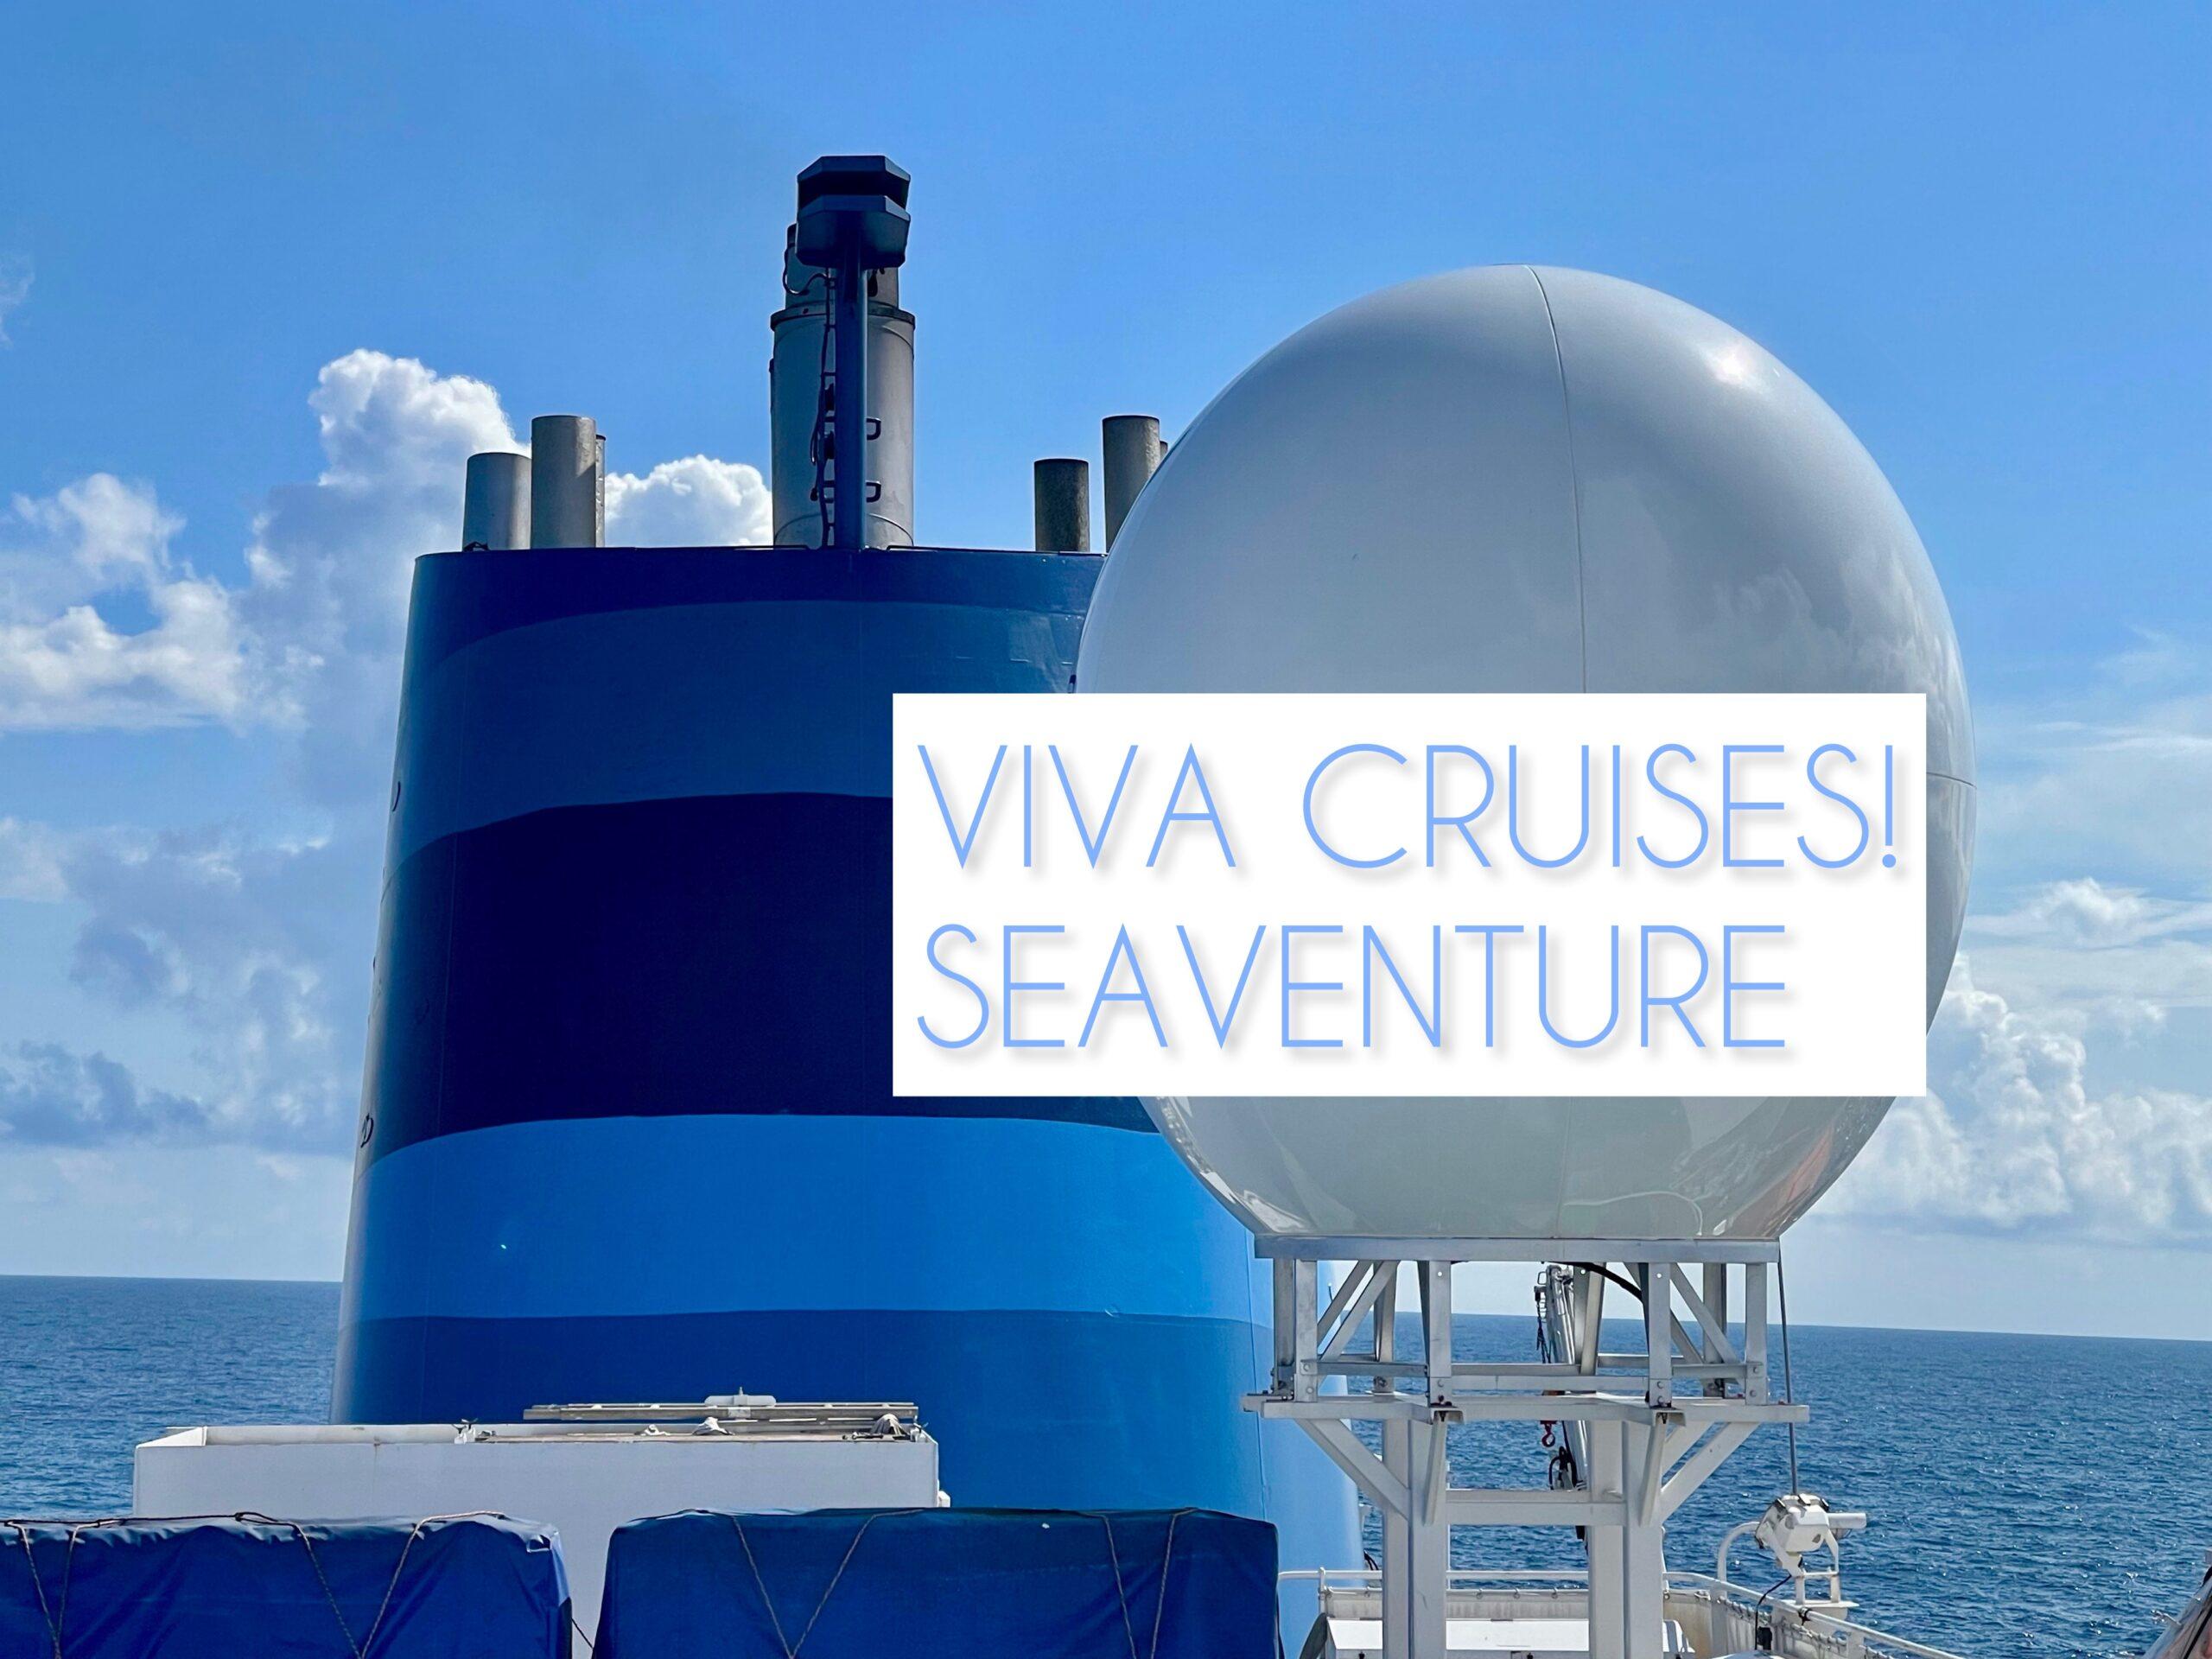 Island adventure med Viva Cruises!